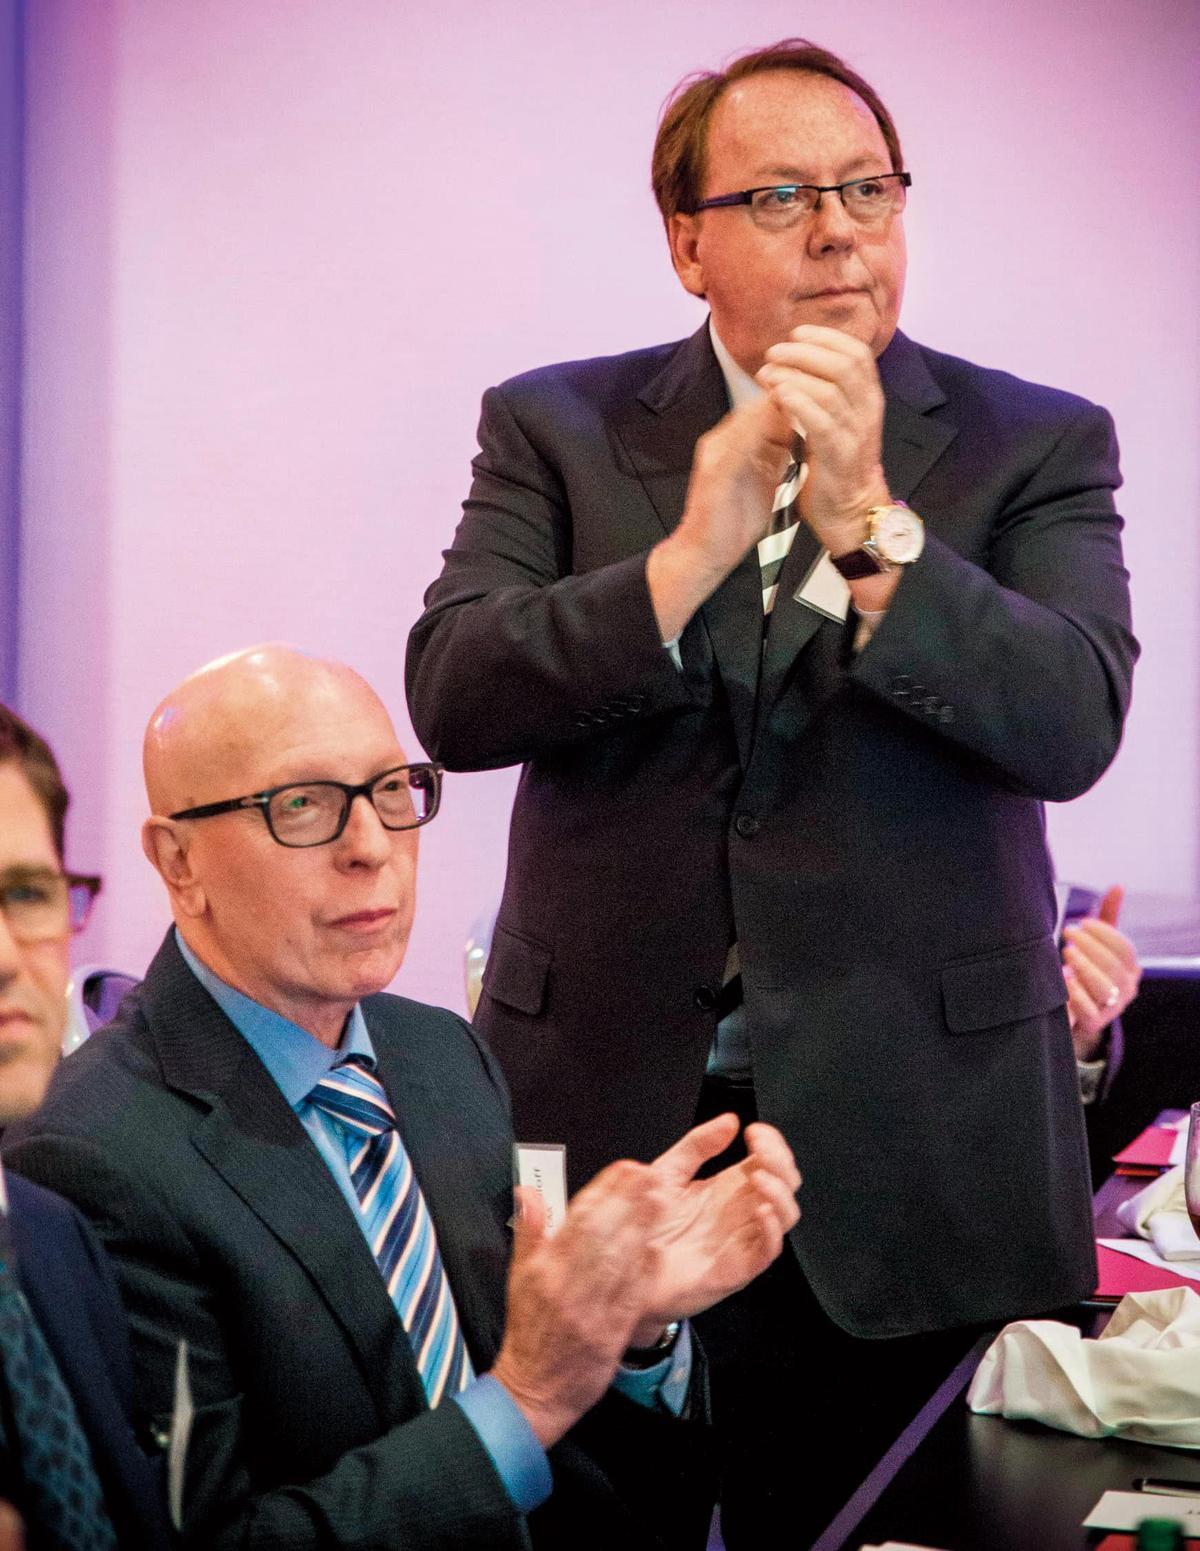 經紀人協會ATA的影響力不容小覷。董事會主席Jim Gosnell(右)與成員Shelly Sroloff出席ATA年度會議。(翻攝自association.com)